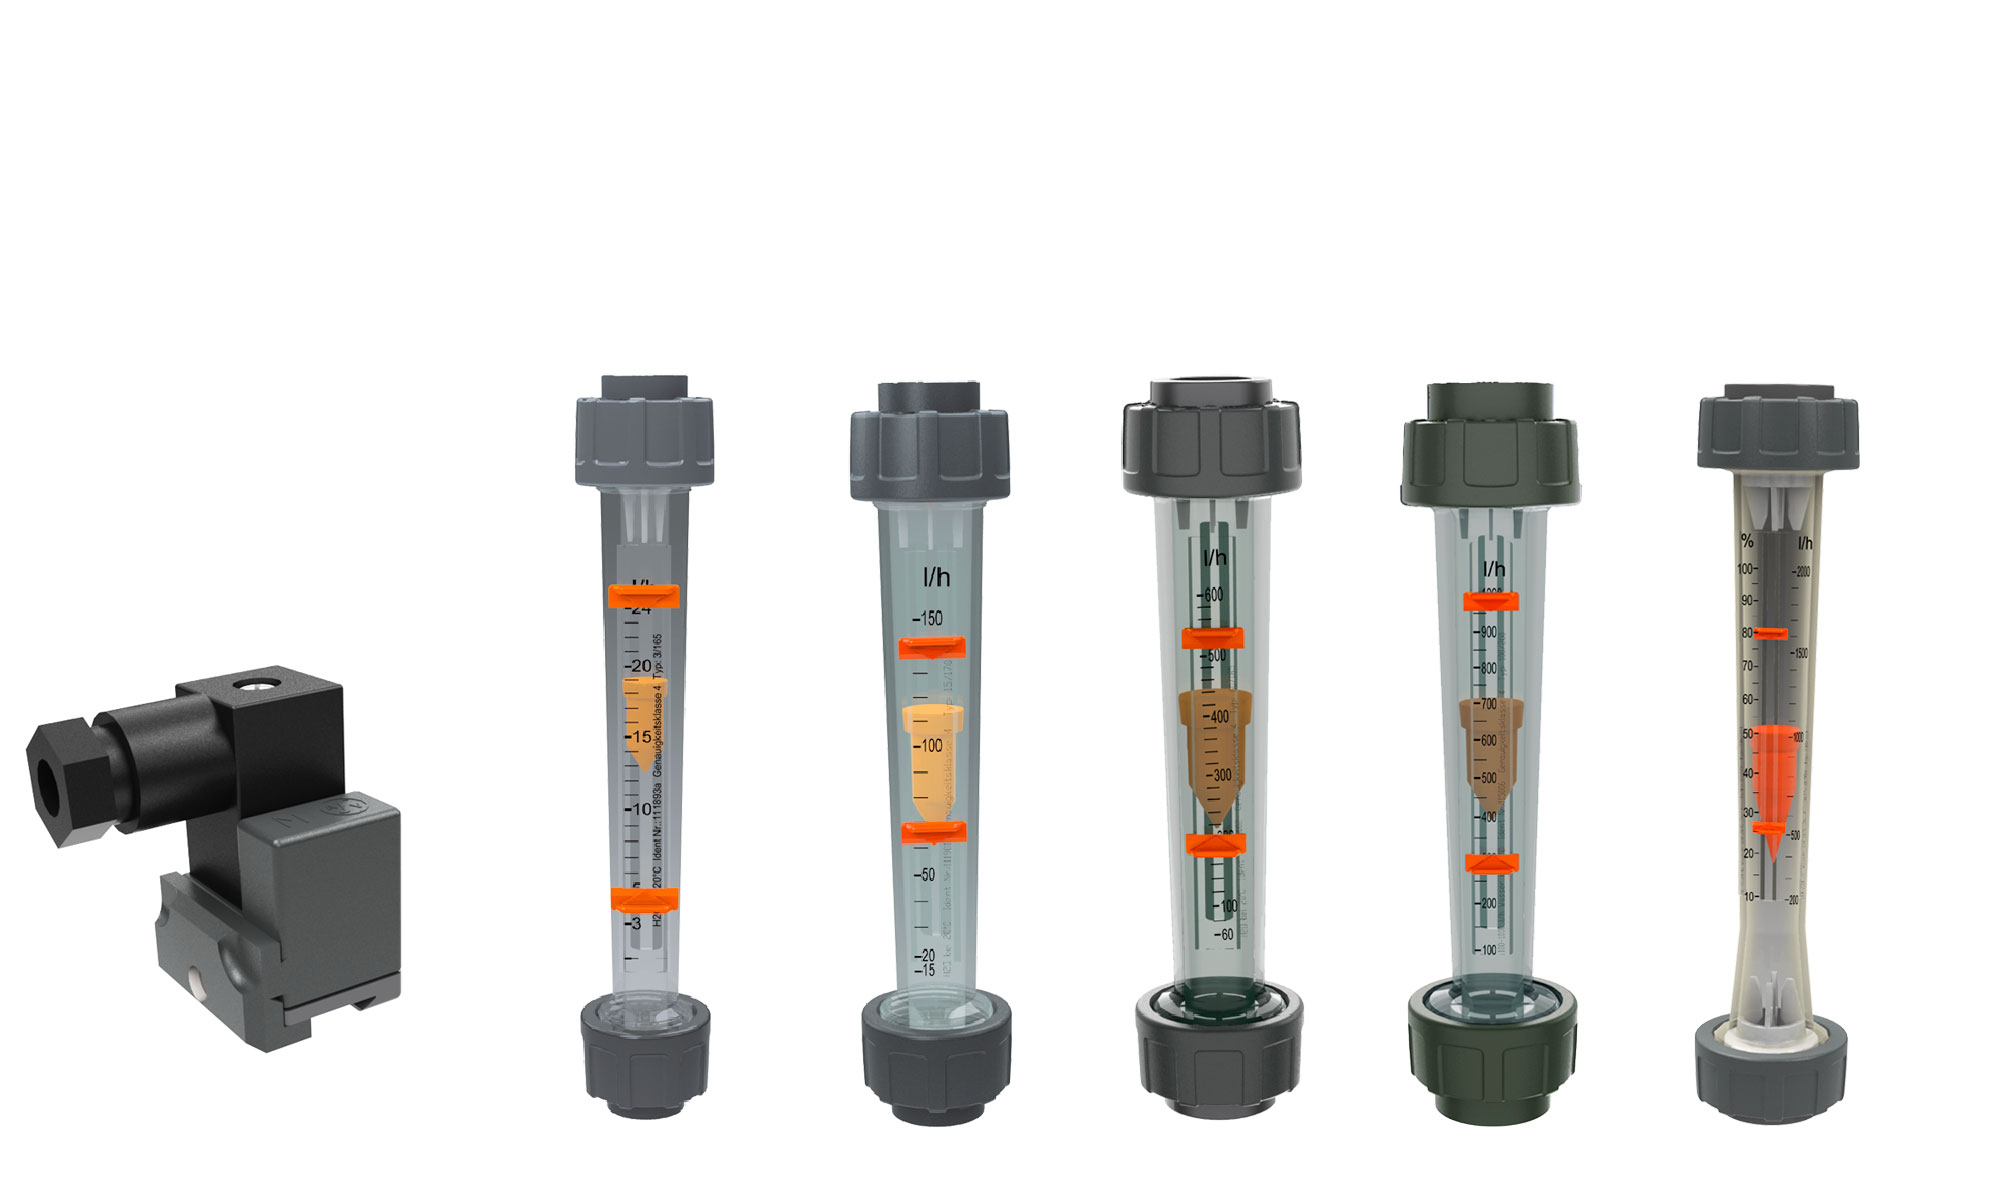 flussimetri e contatti elettrici per galleggiante magnetico